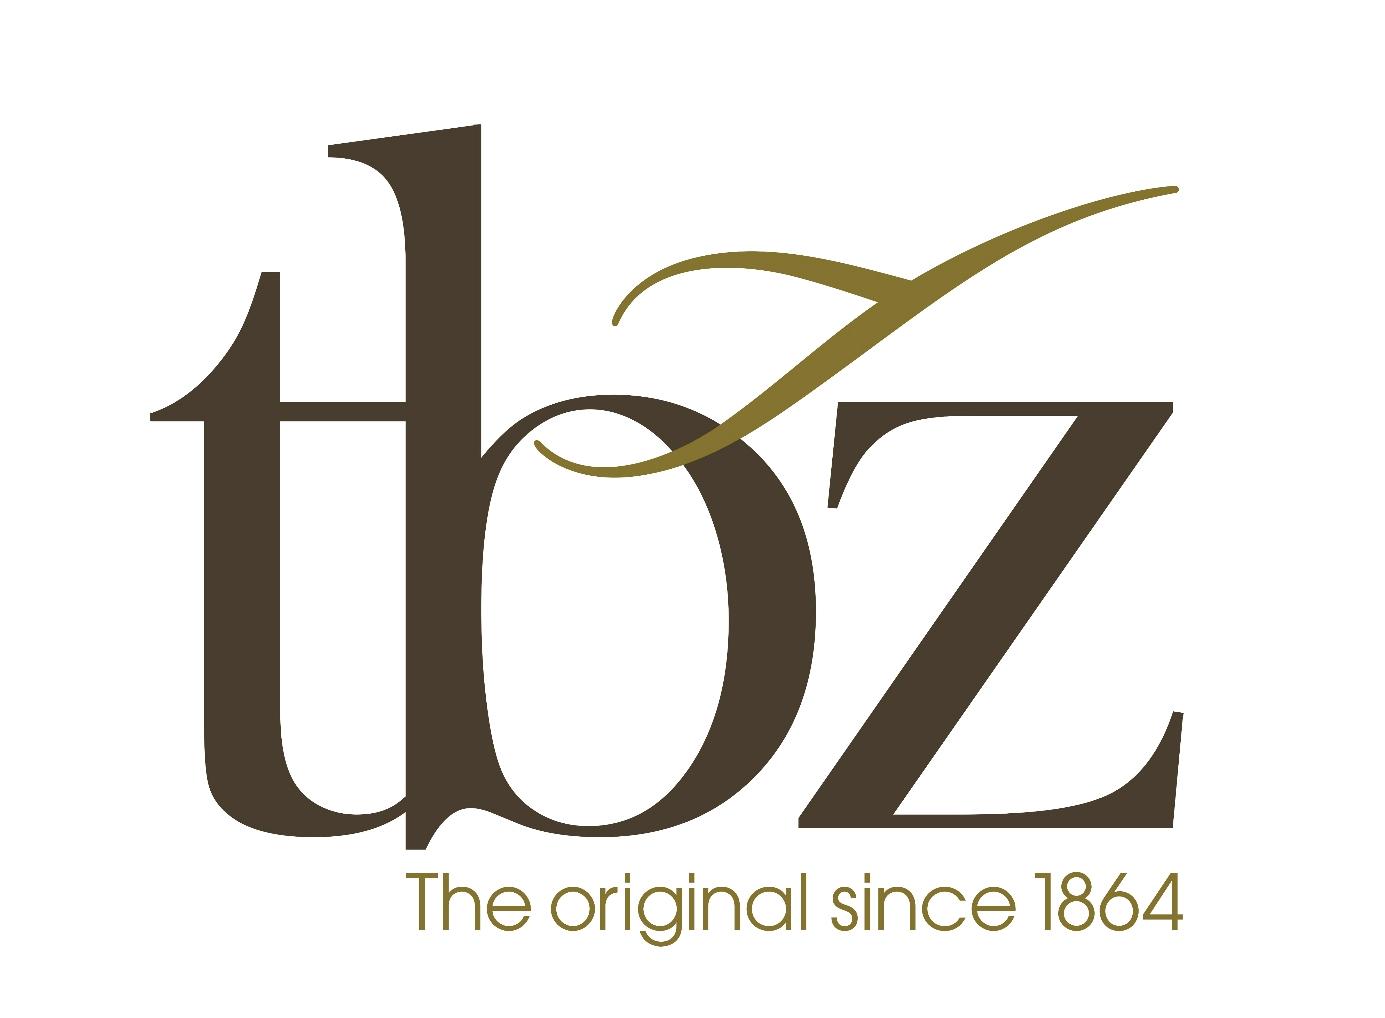 Tbz logo 1